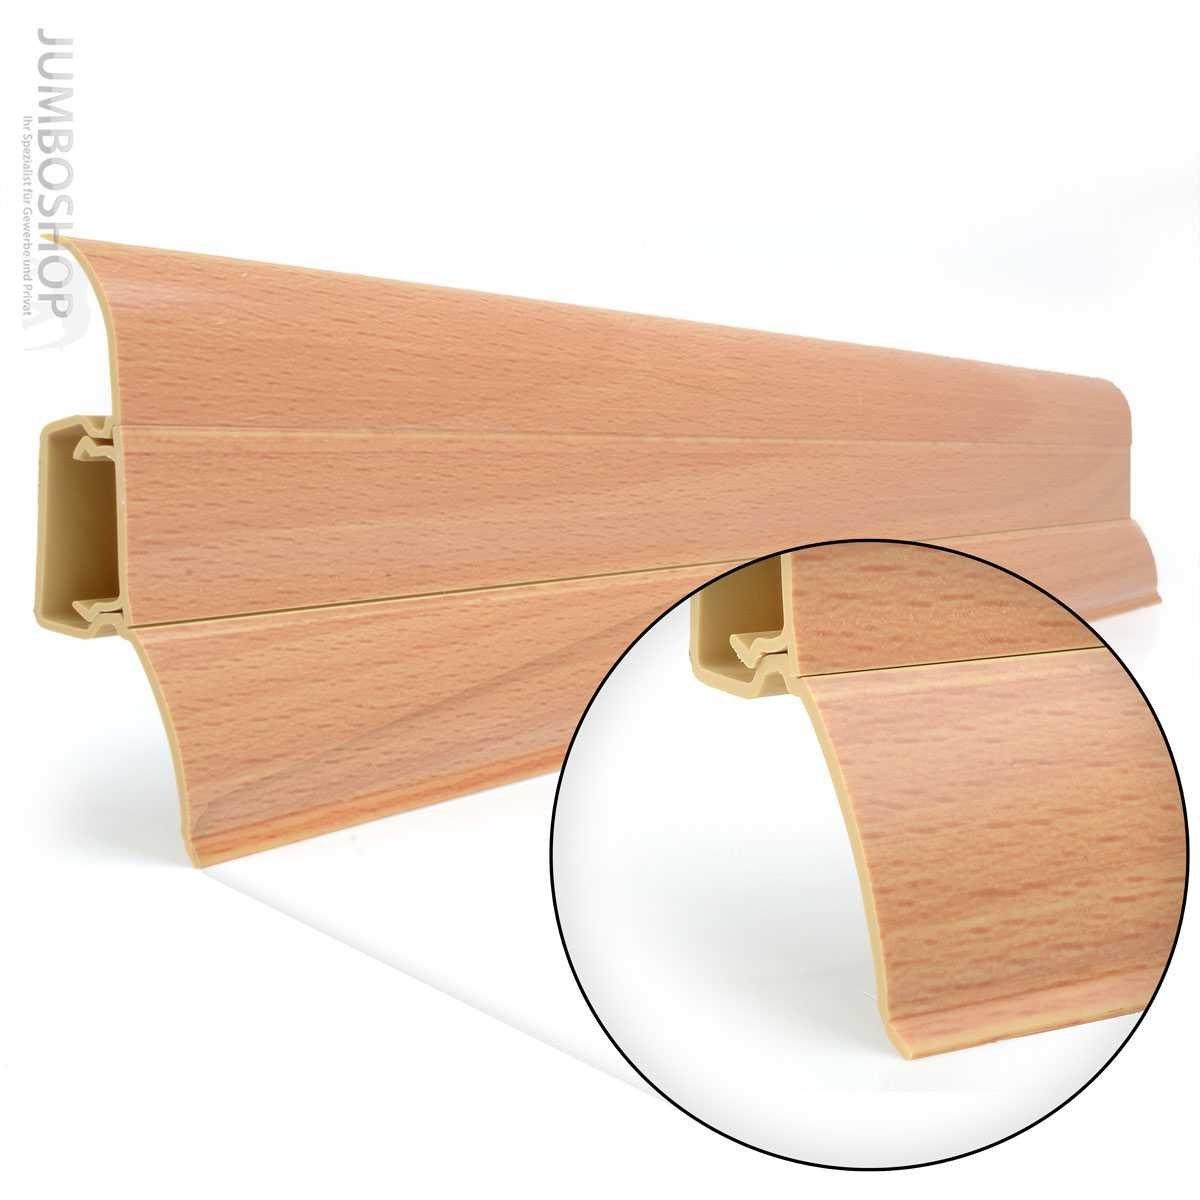 HOLZBRINK Linkes Endst/ück passend zum Dekor Ihrer Sockelleisten 62mm x 23mm Perfecta 102 Buche